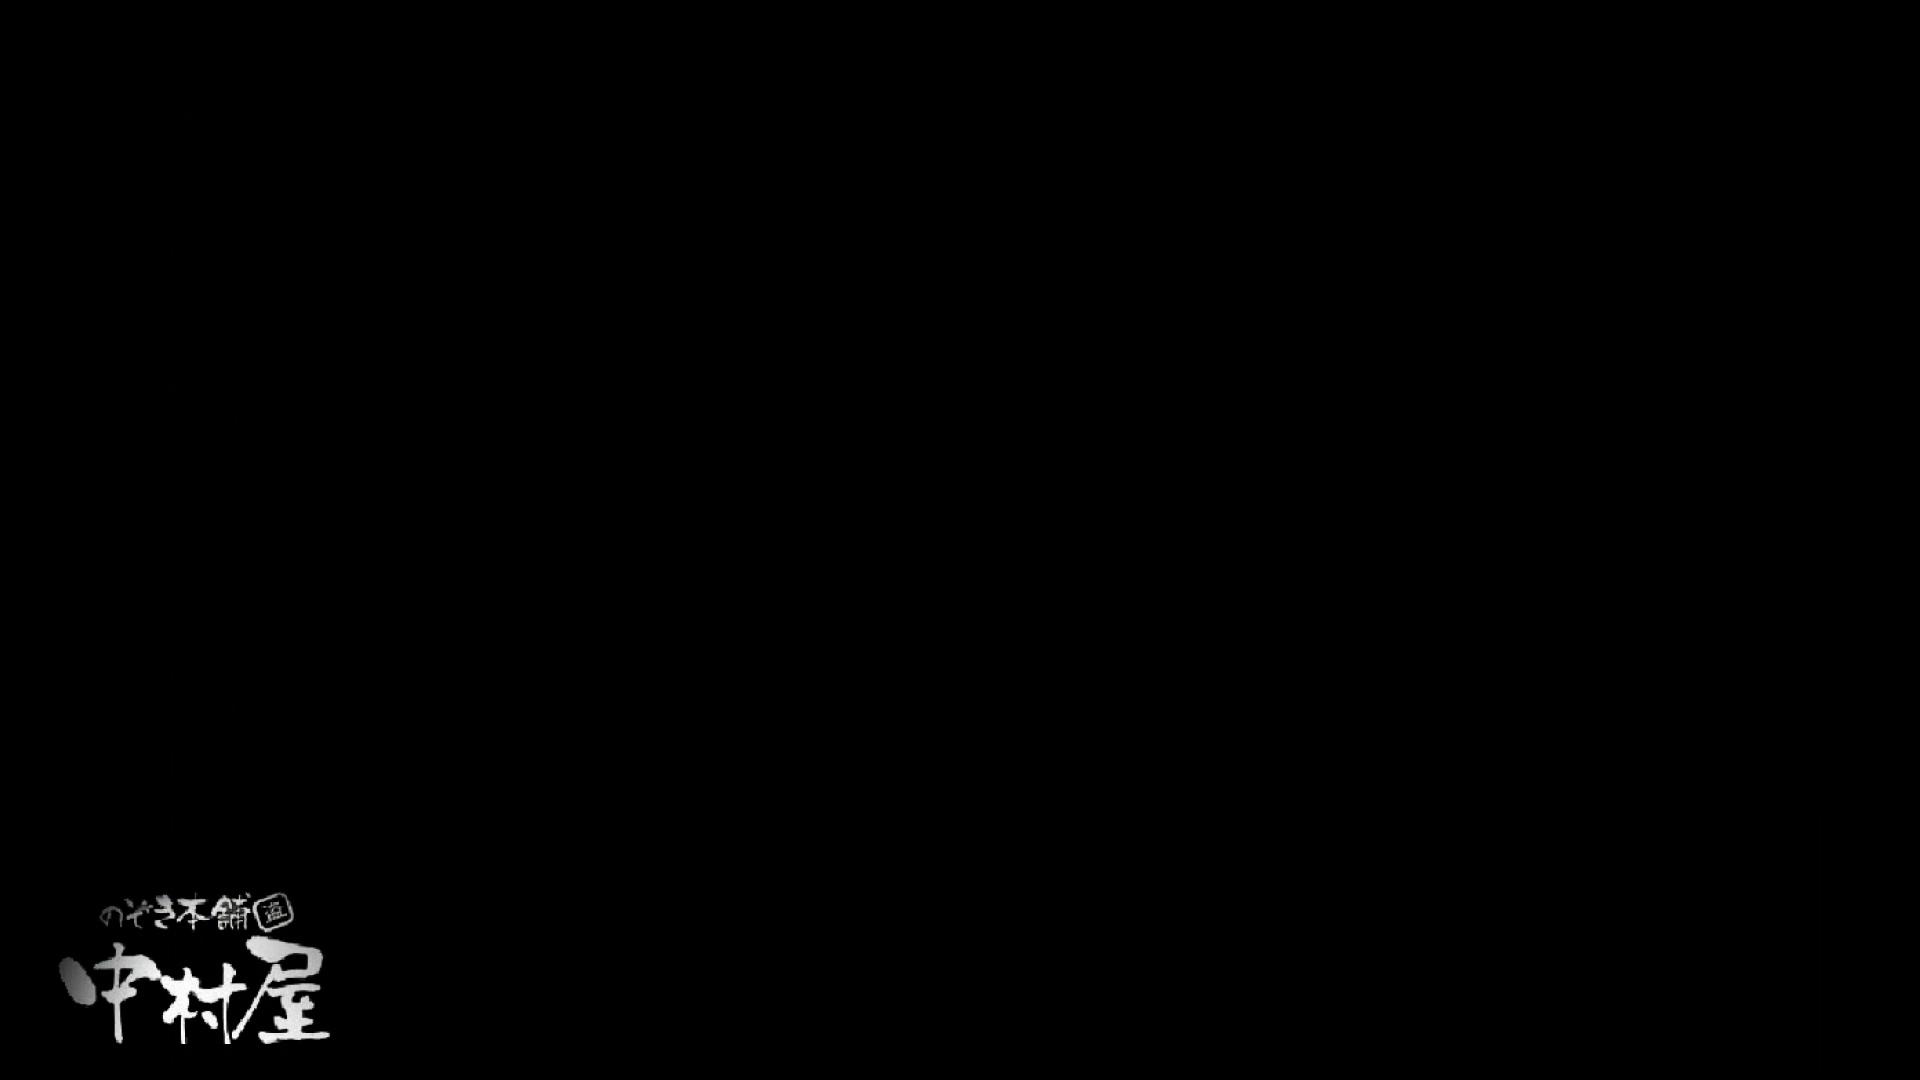 都内某大学病院編 和式イ更所盗撮 その② 3名 ギャルの放尿 すけべAV動画紹介 56連発 53